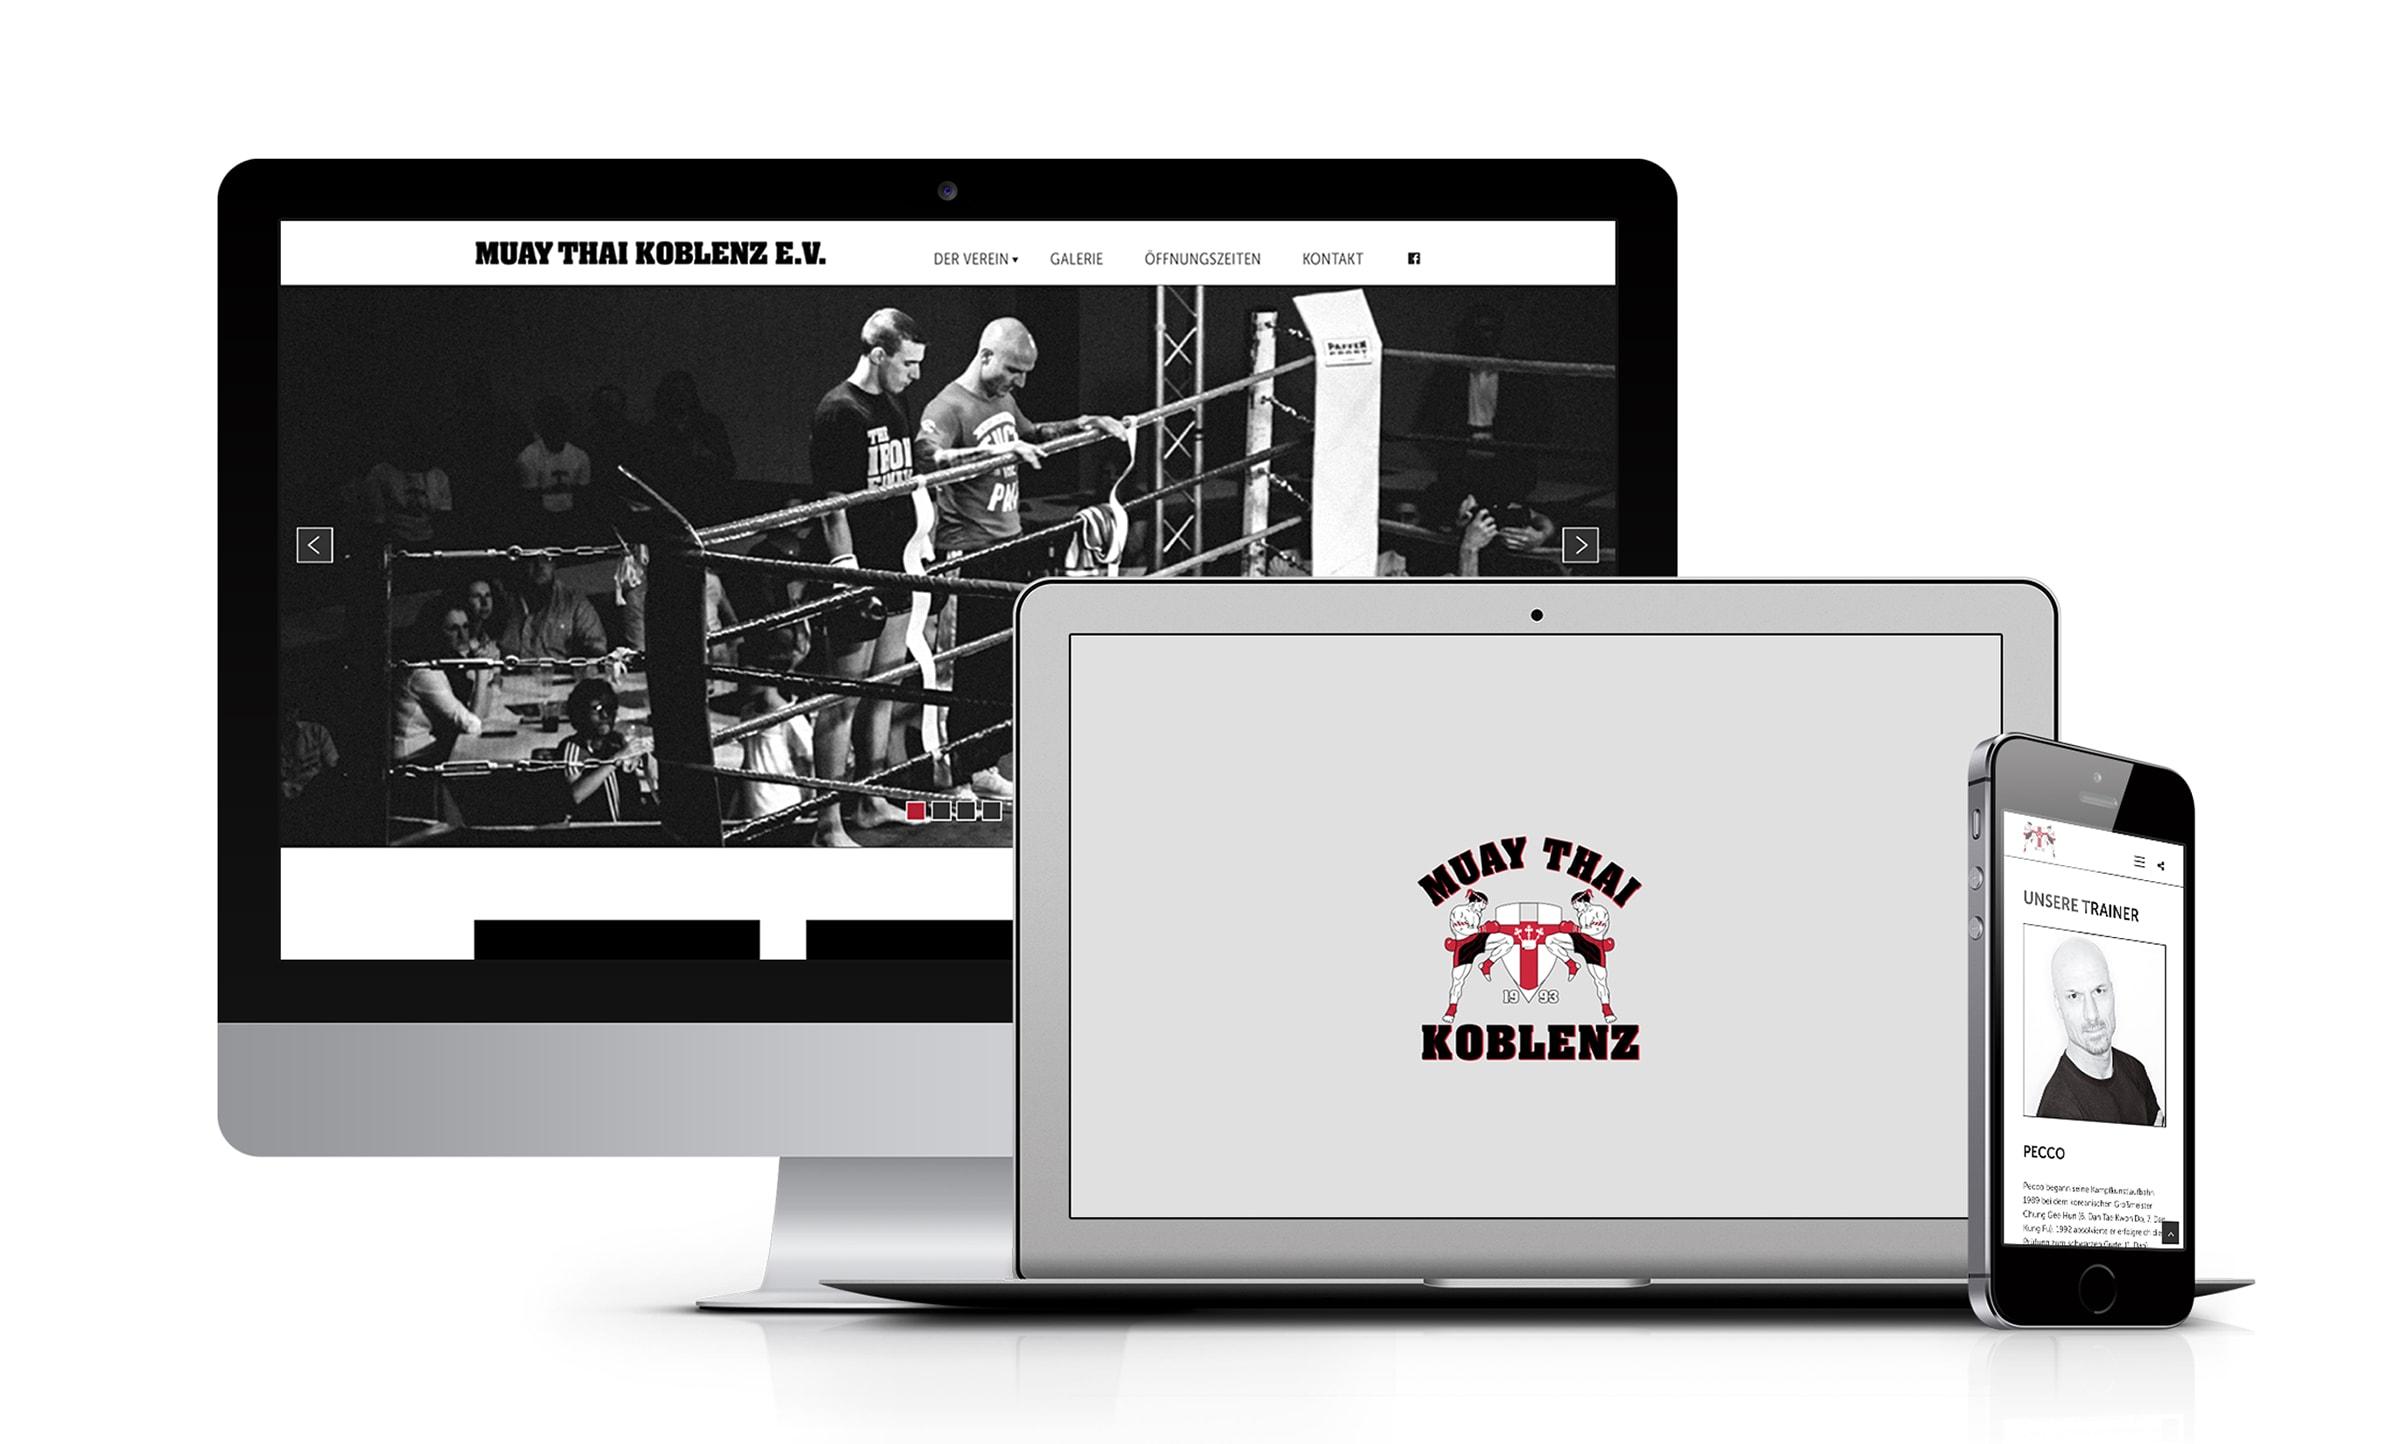 Screendesign für Muay Thai Koblenz entwickelt durch die Designagentur mieker - Konzept Design Strategie. Die neue Webseite zeigt sich besonders benutzerfreundlich und zielgruppenorientiert. Redesign, Webdesign. Regionen: Koblenz, Trier, Hermeskeil